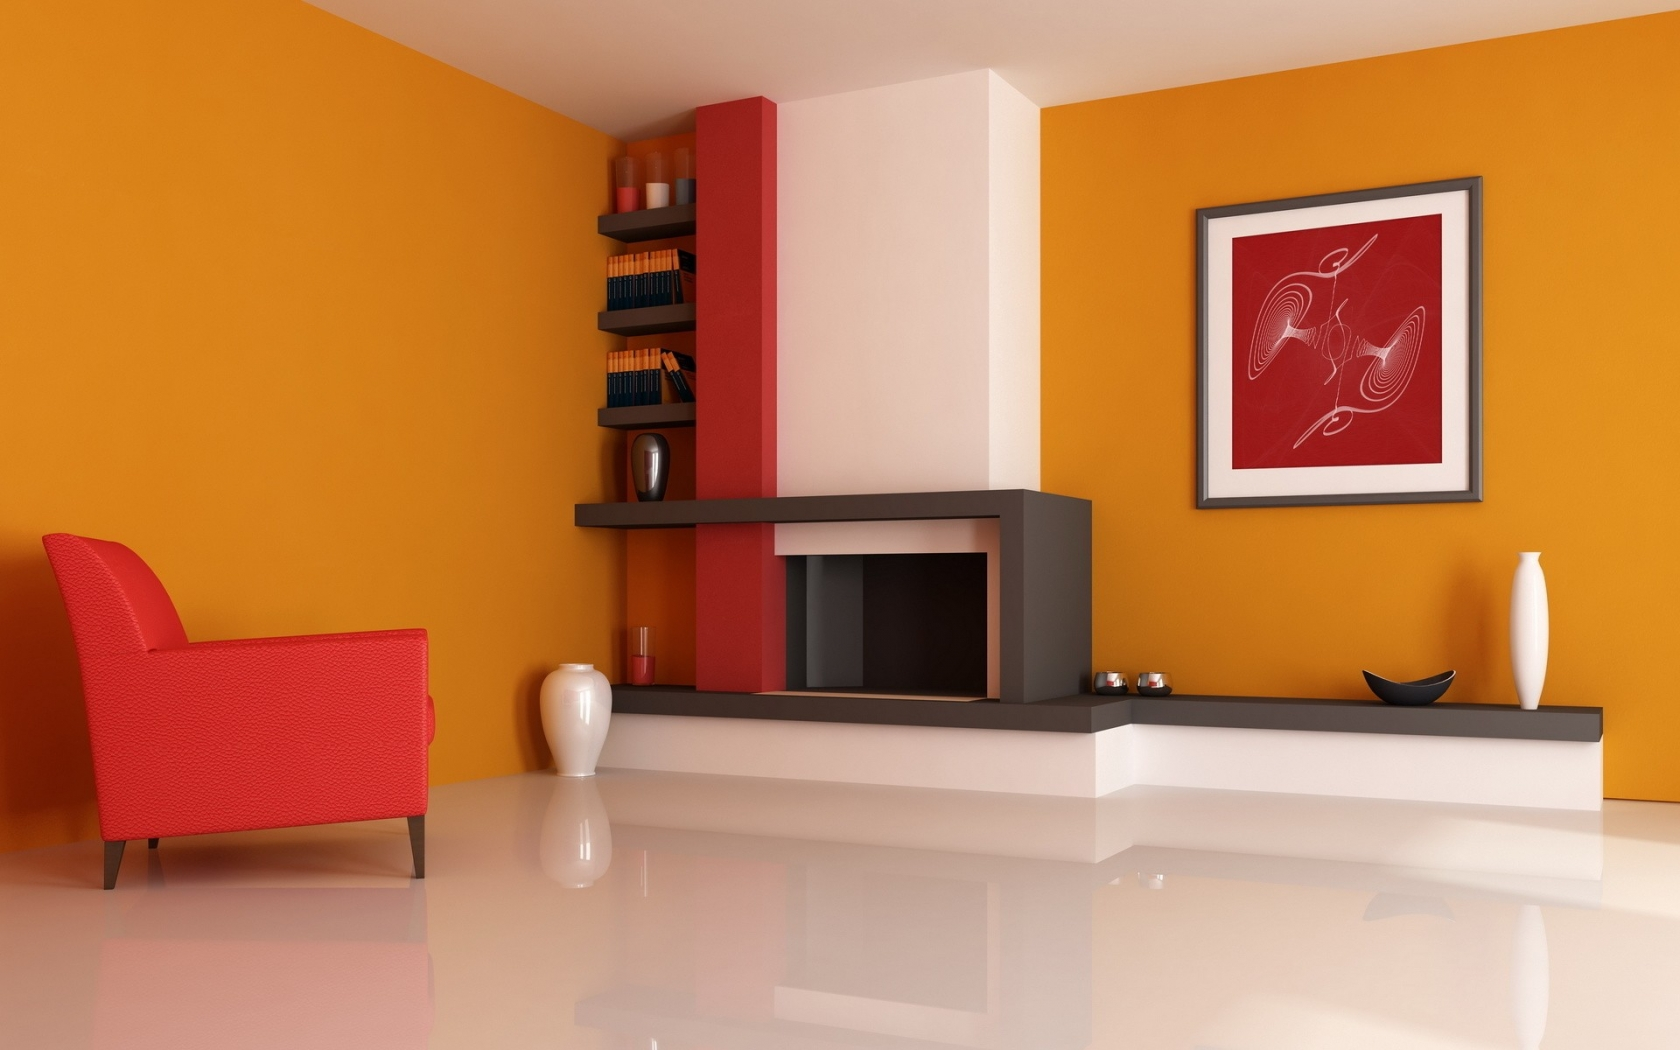 Decoración de una casa - 1680x1050